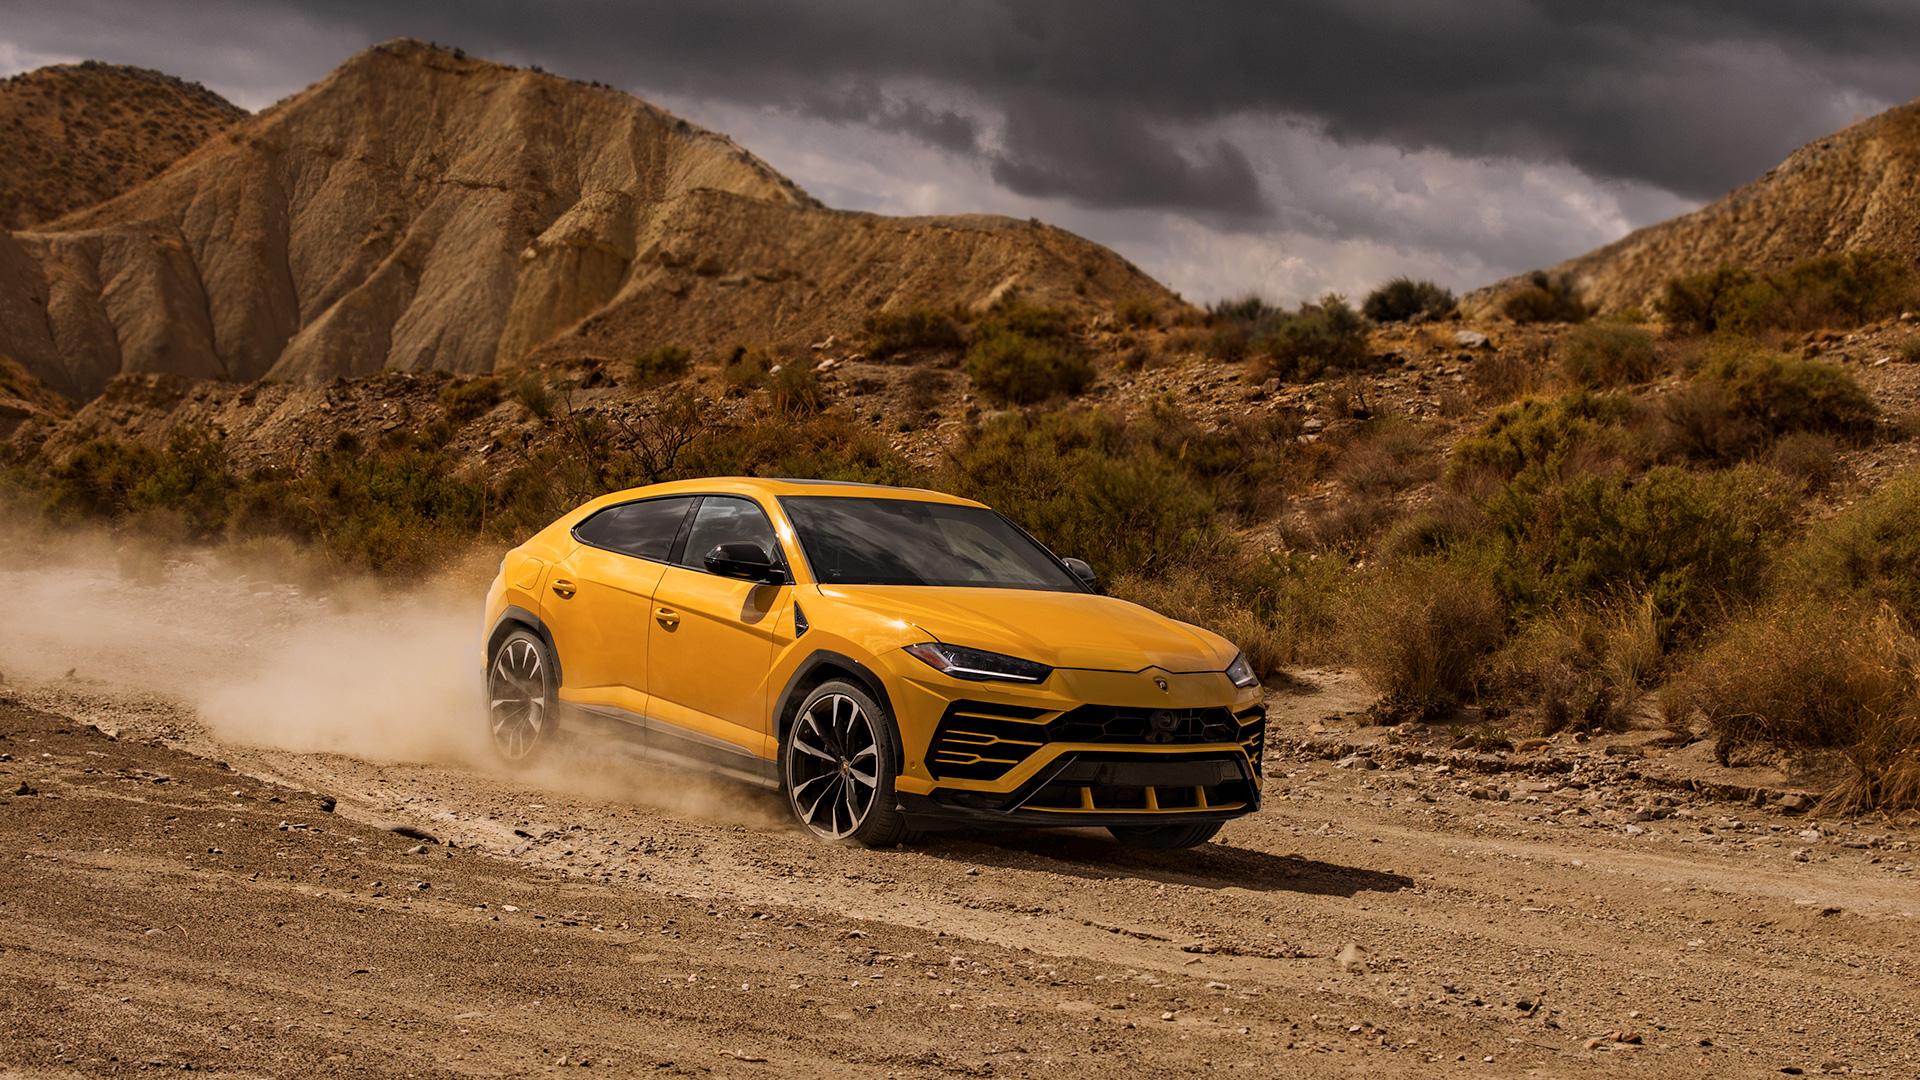 Lamborghini-Urus-2018-autonovosti.com